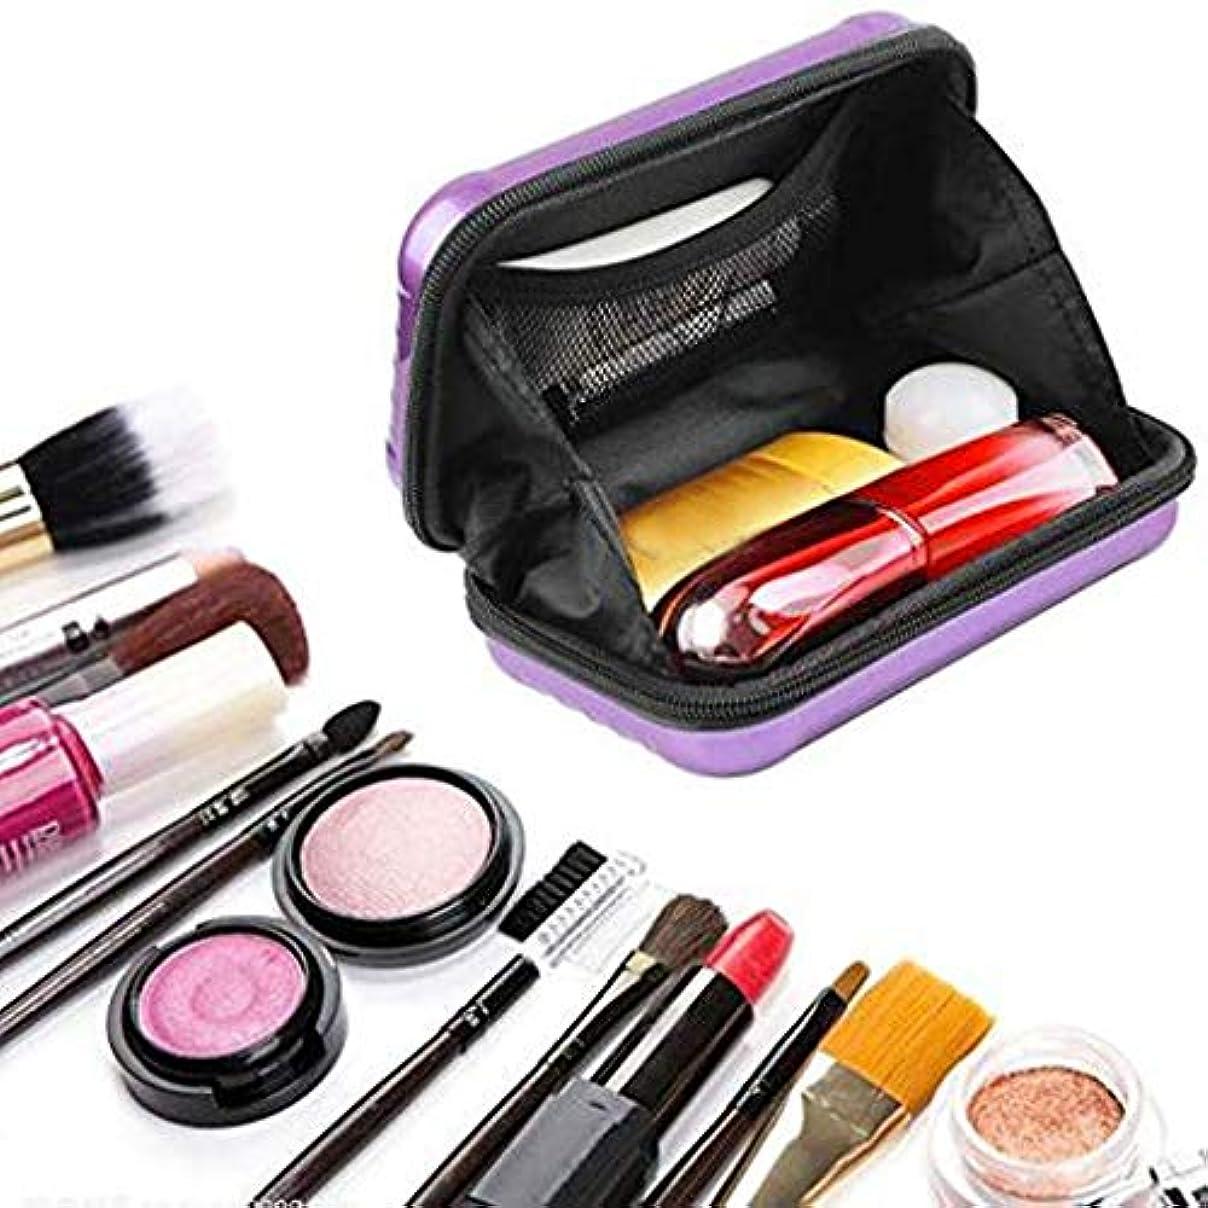 小説グレートオーク連続的ミニポータブル旅行化粧品バッグ、女性のための防水/クラッシュ防止化粧バッグ、スーツケース化粧品ハンドバッグ (紫の)